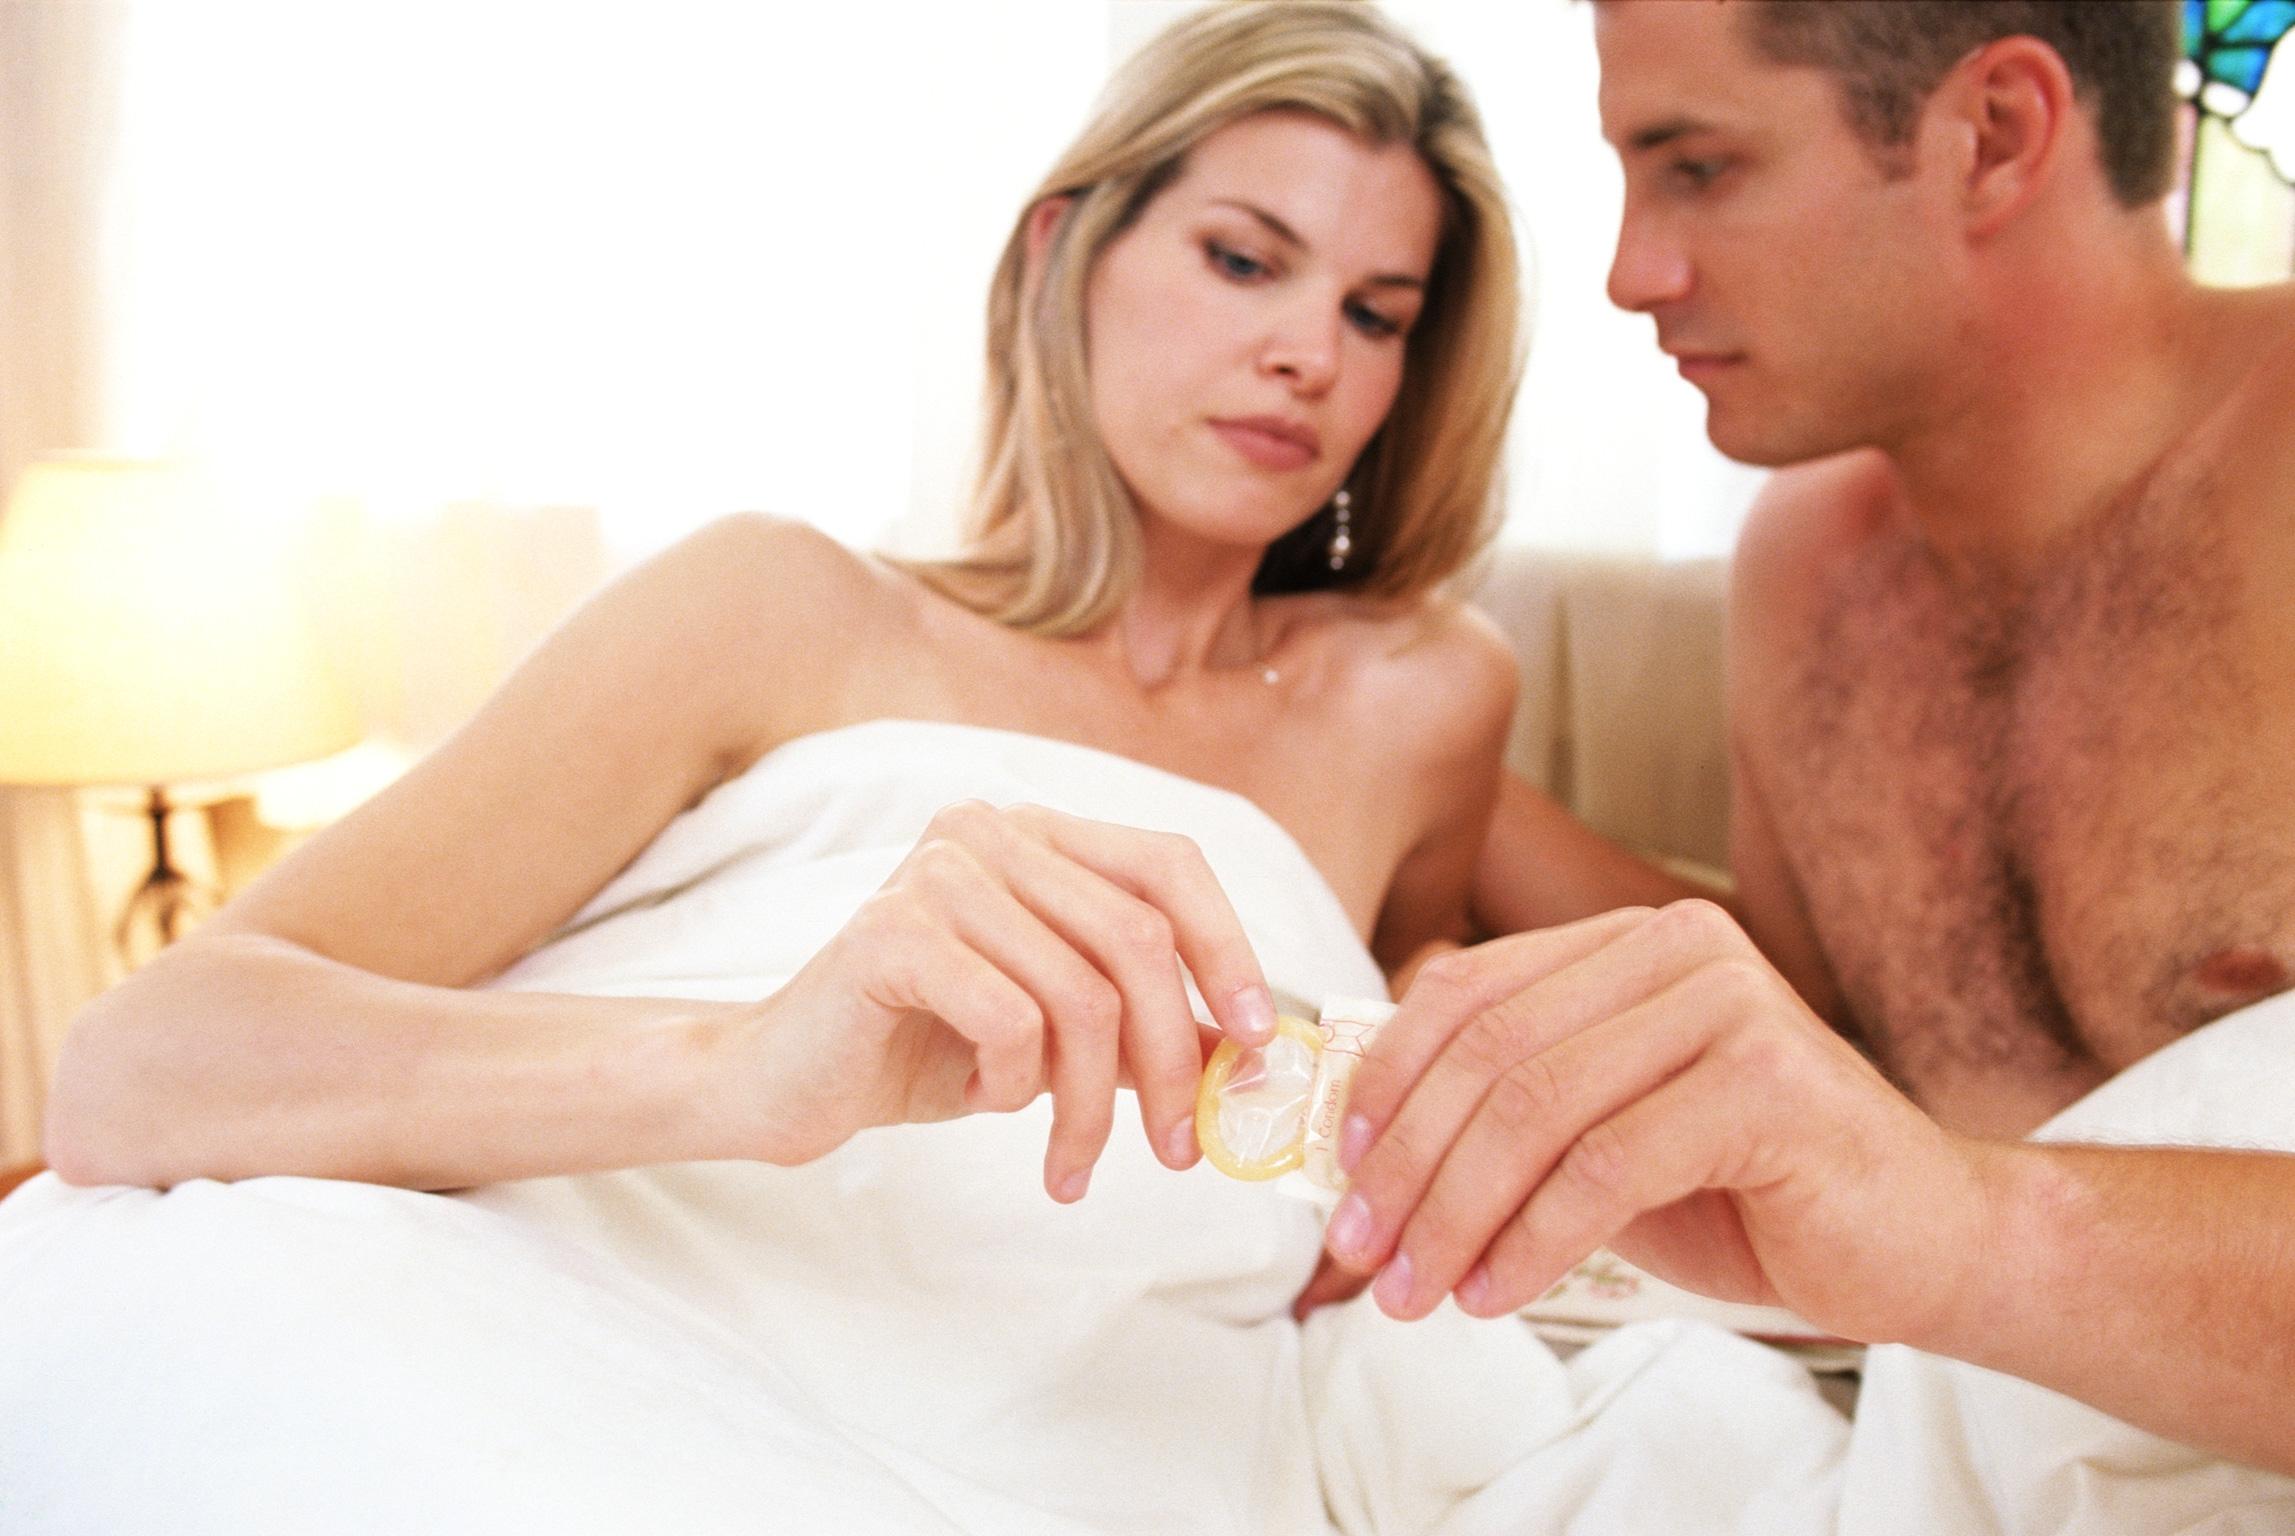 Половой партнер, молочница, осторожно